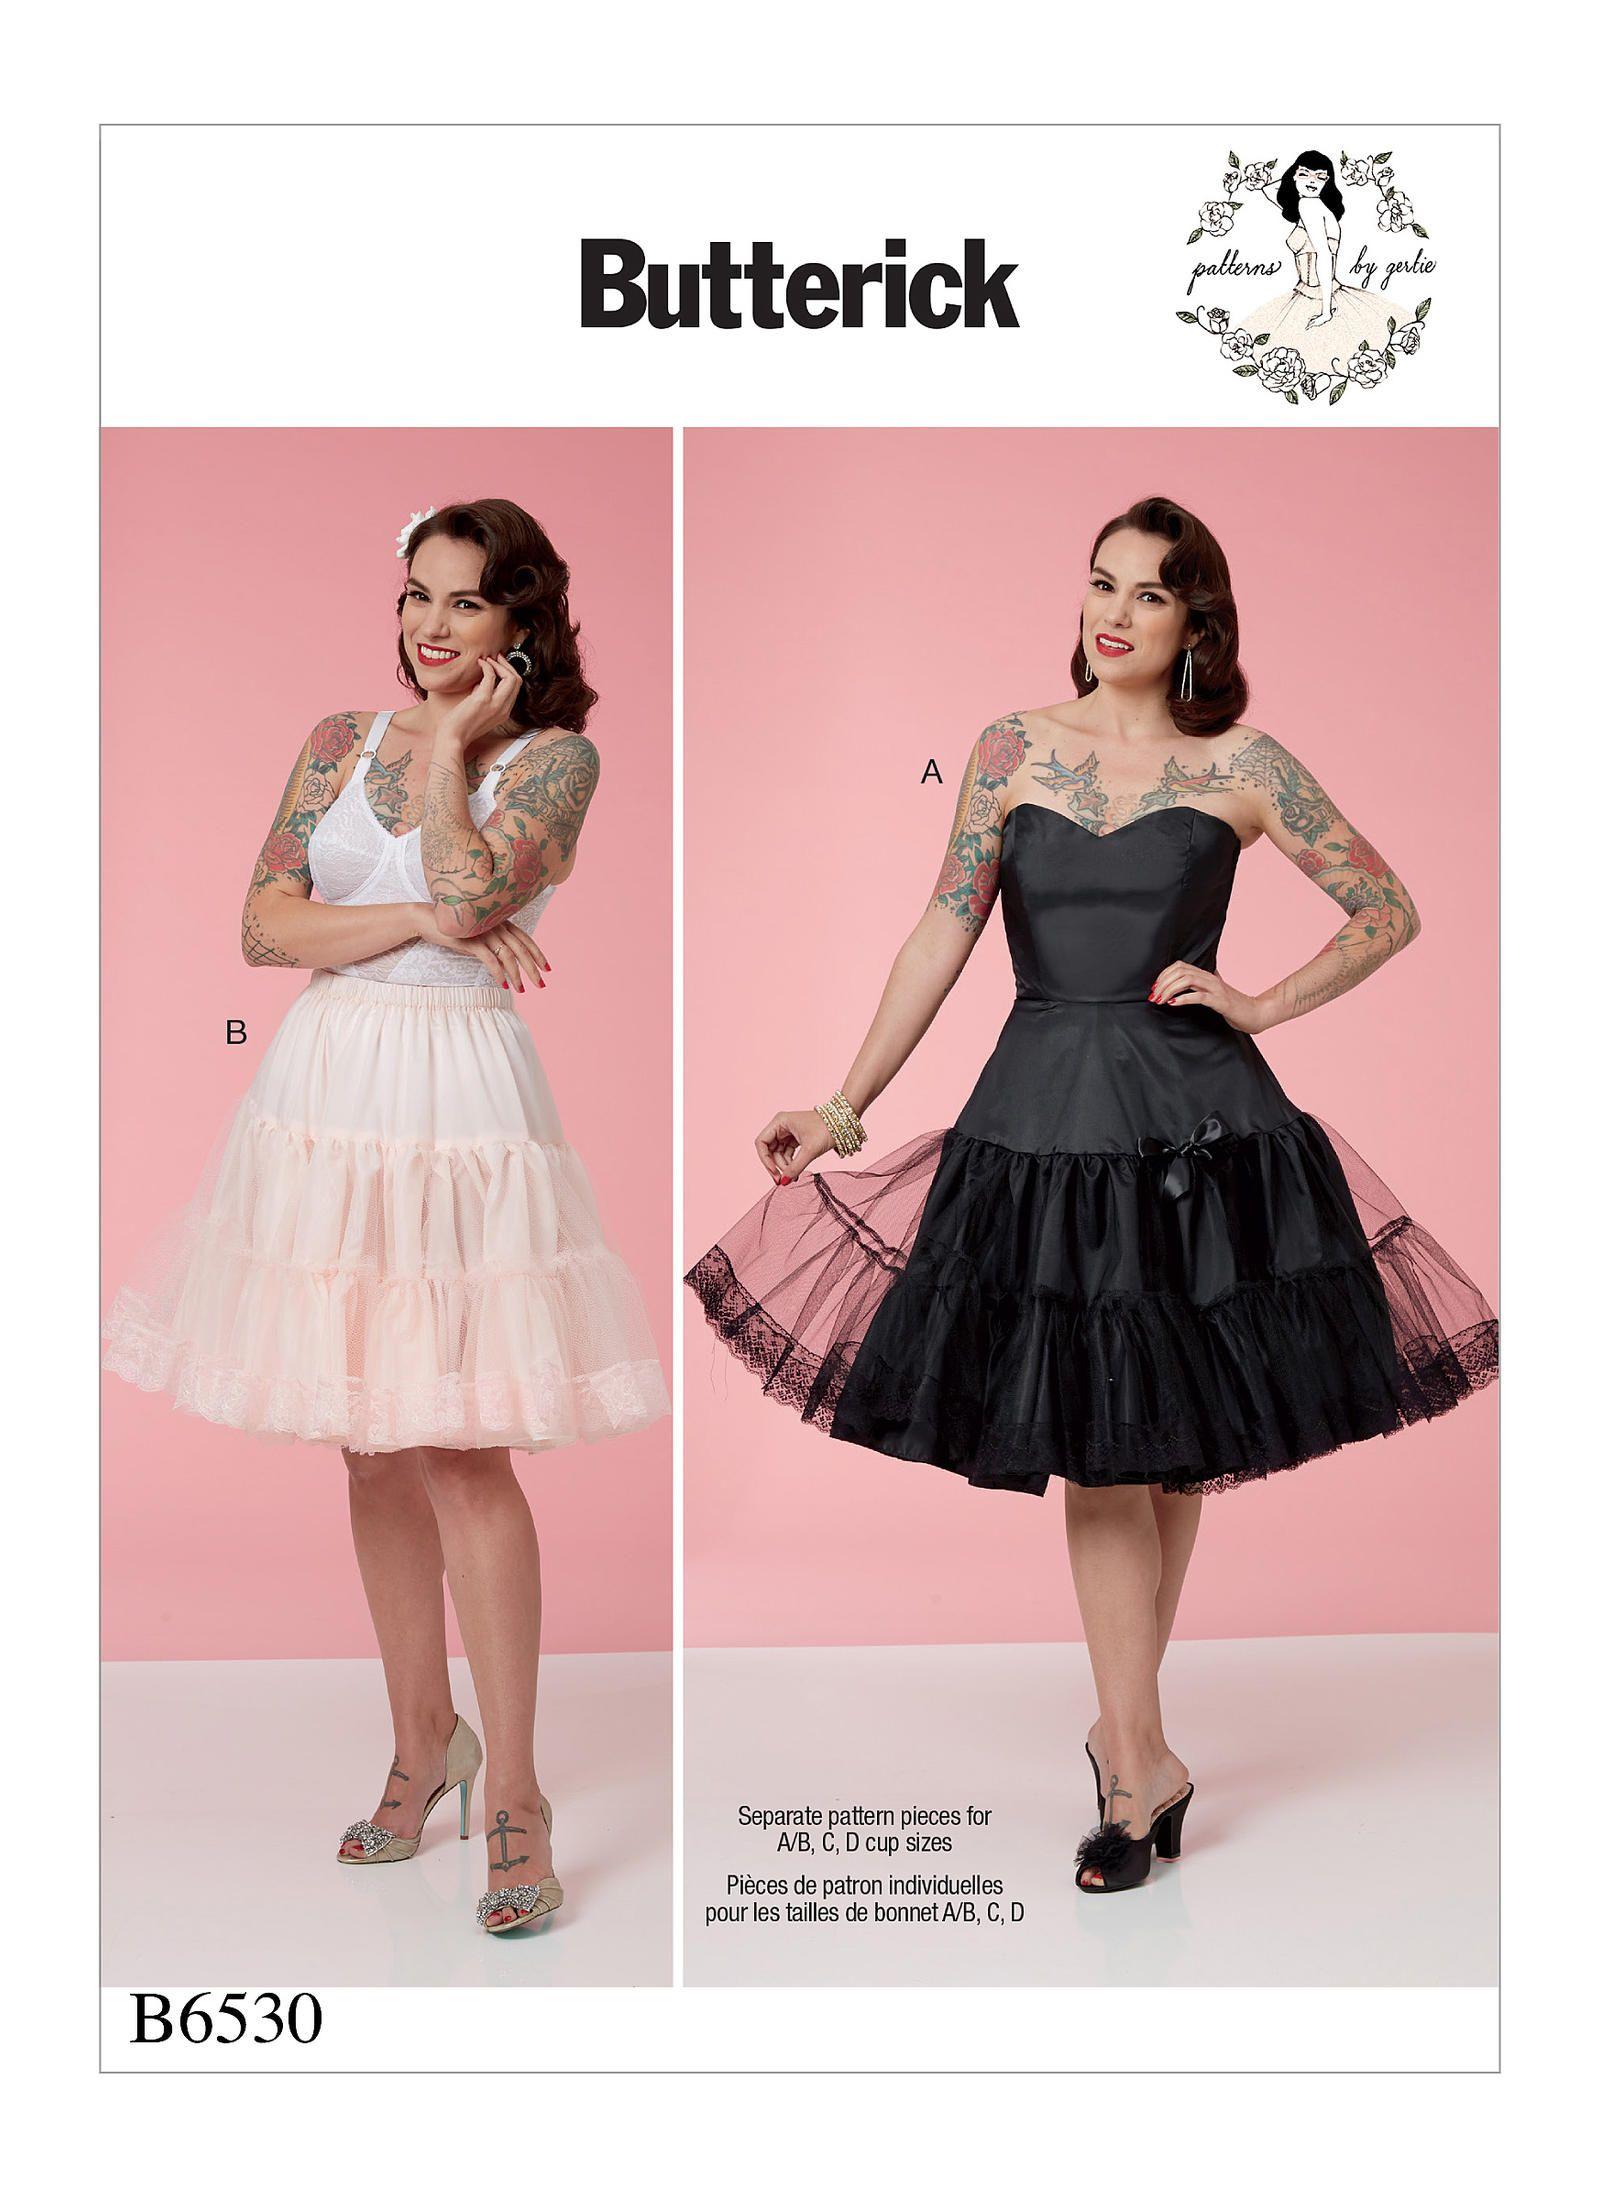 Encantador Patrones De Costura Del Vestido De Boda Butterick ...